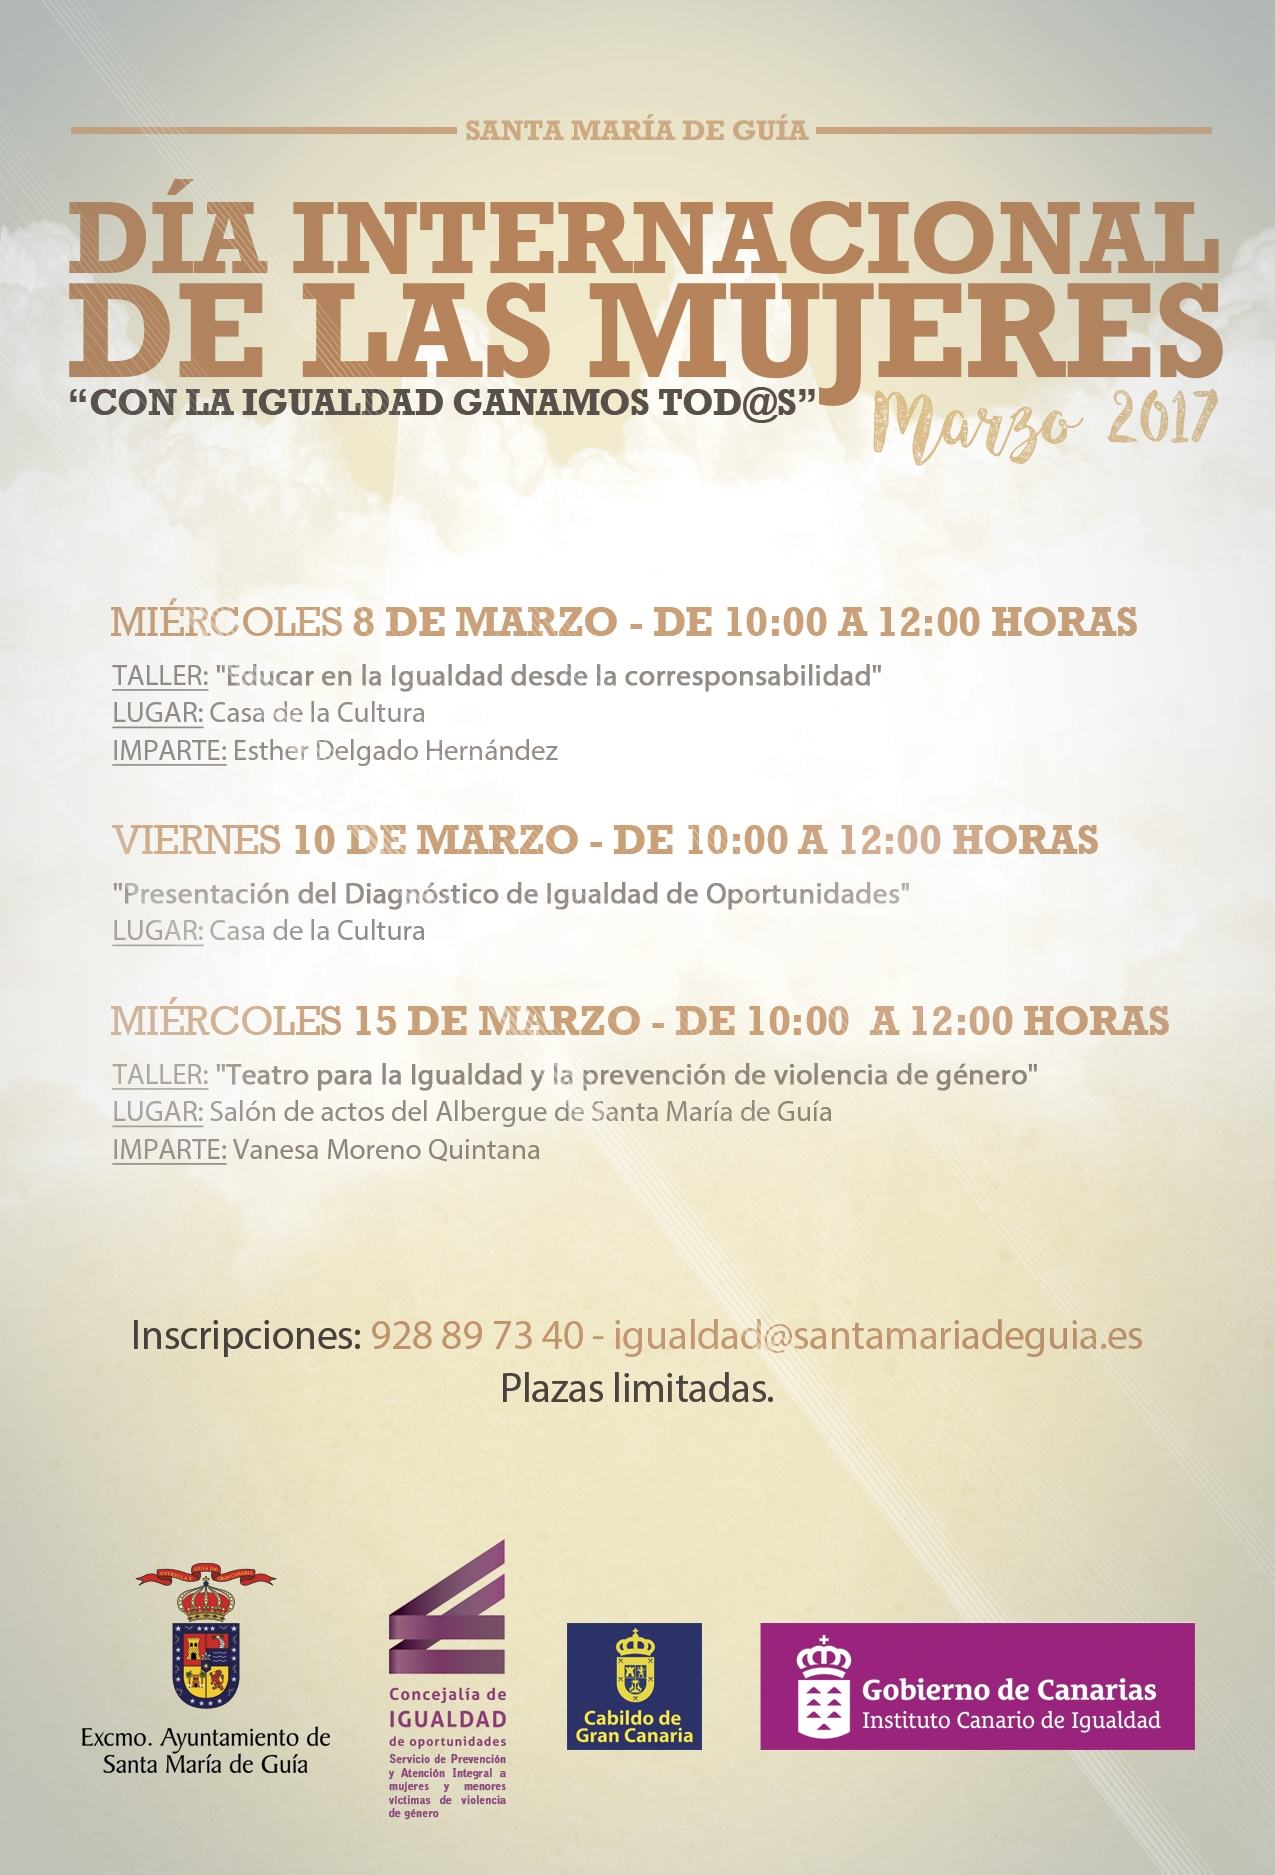 CARTEL DIA INTERNACIONAL DE LAS MUJERES MARZO 2017